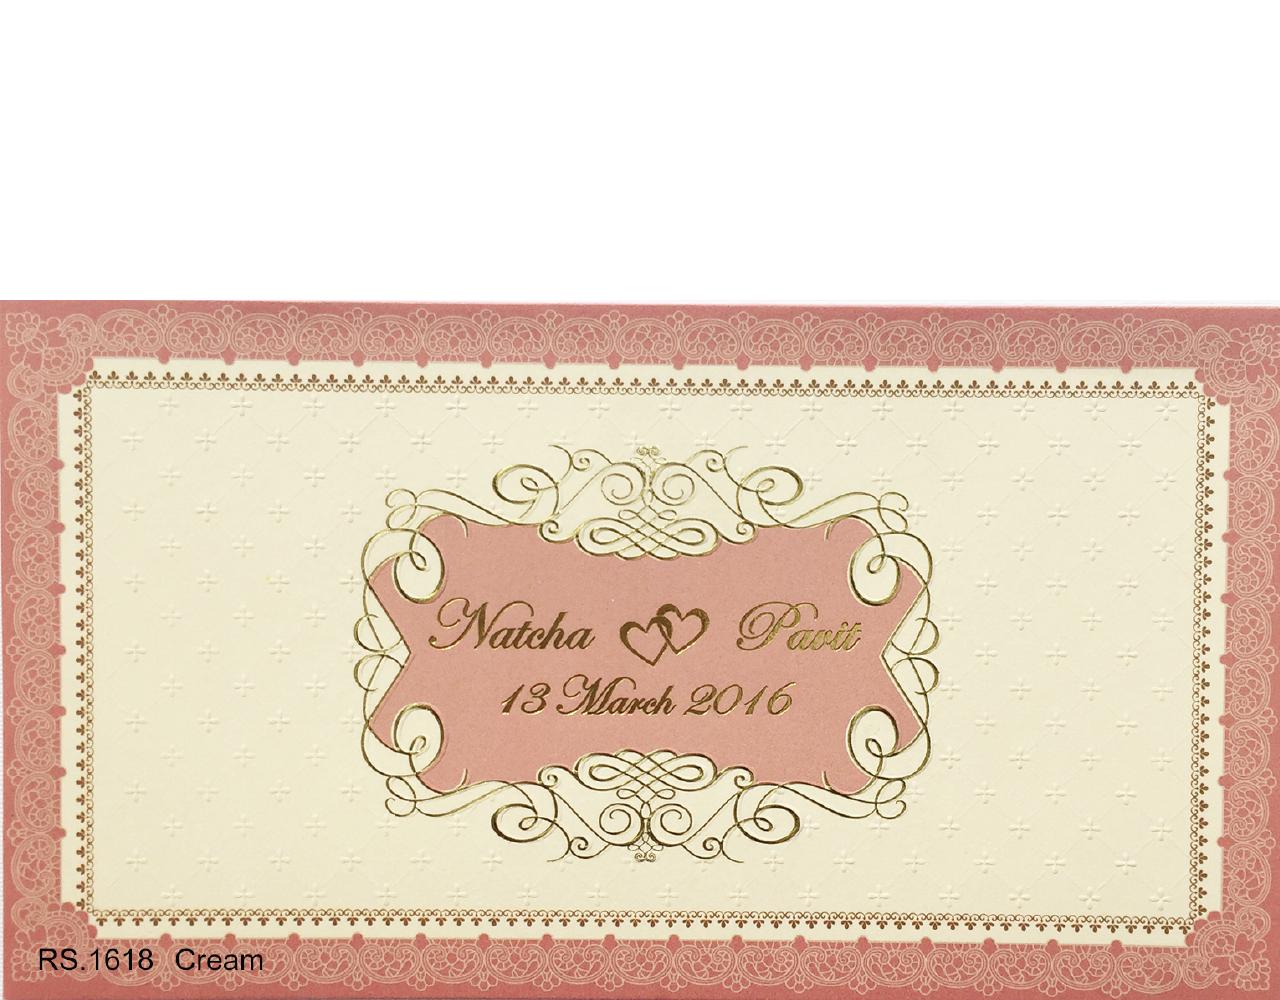 การ์ดแต่งงาน การ์ดเชิญแต่งงาน ราคาถูก ไม่แพง สีครีมชมพู การ์ดพร้อมซอง wedding card 4x7.5 inch RS.1618